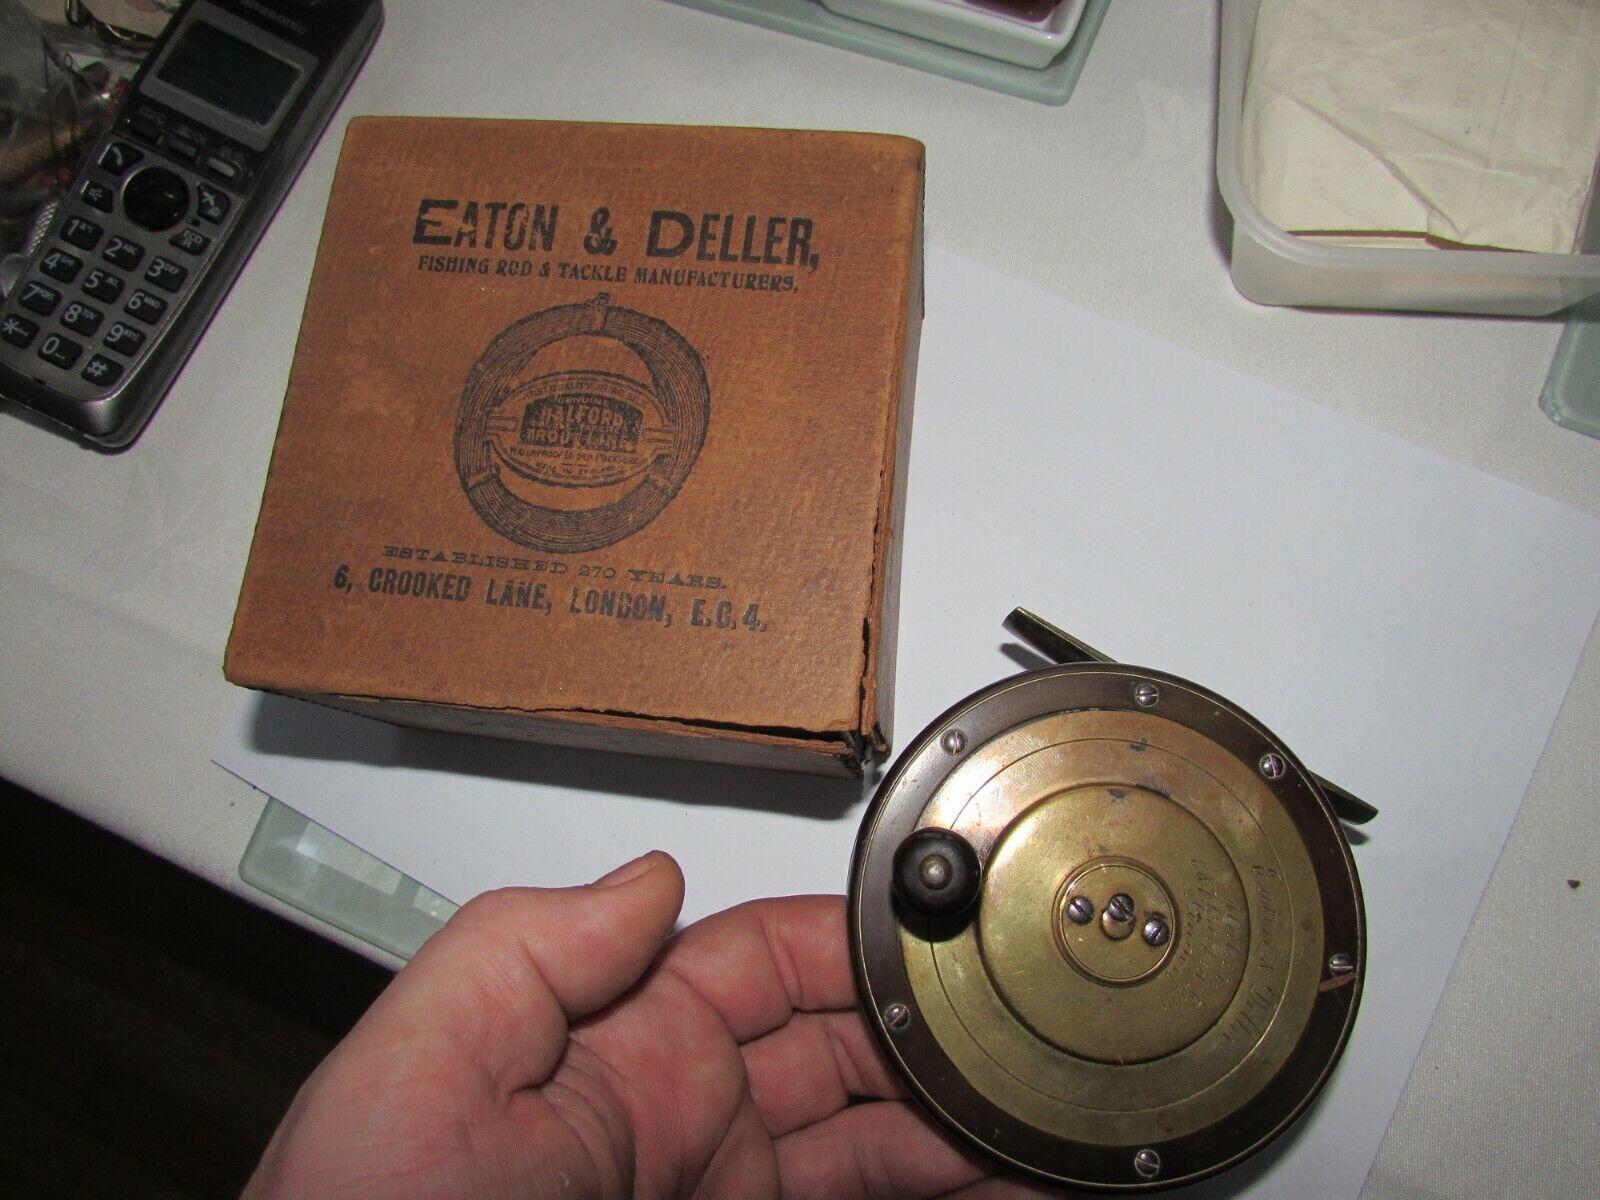 A1 Excelente Vintage Eaton Deller Latón Ebonita Salmón Pesca Con Mosca Cocherete 4  + Caja